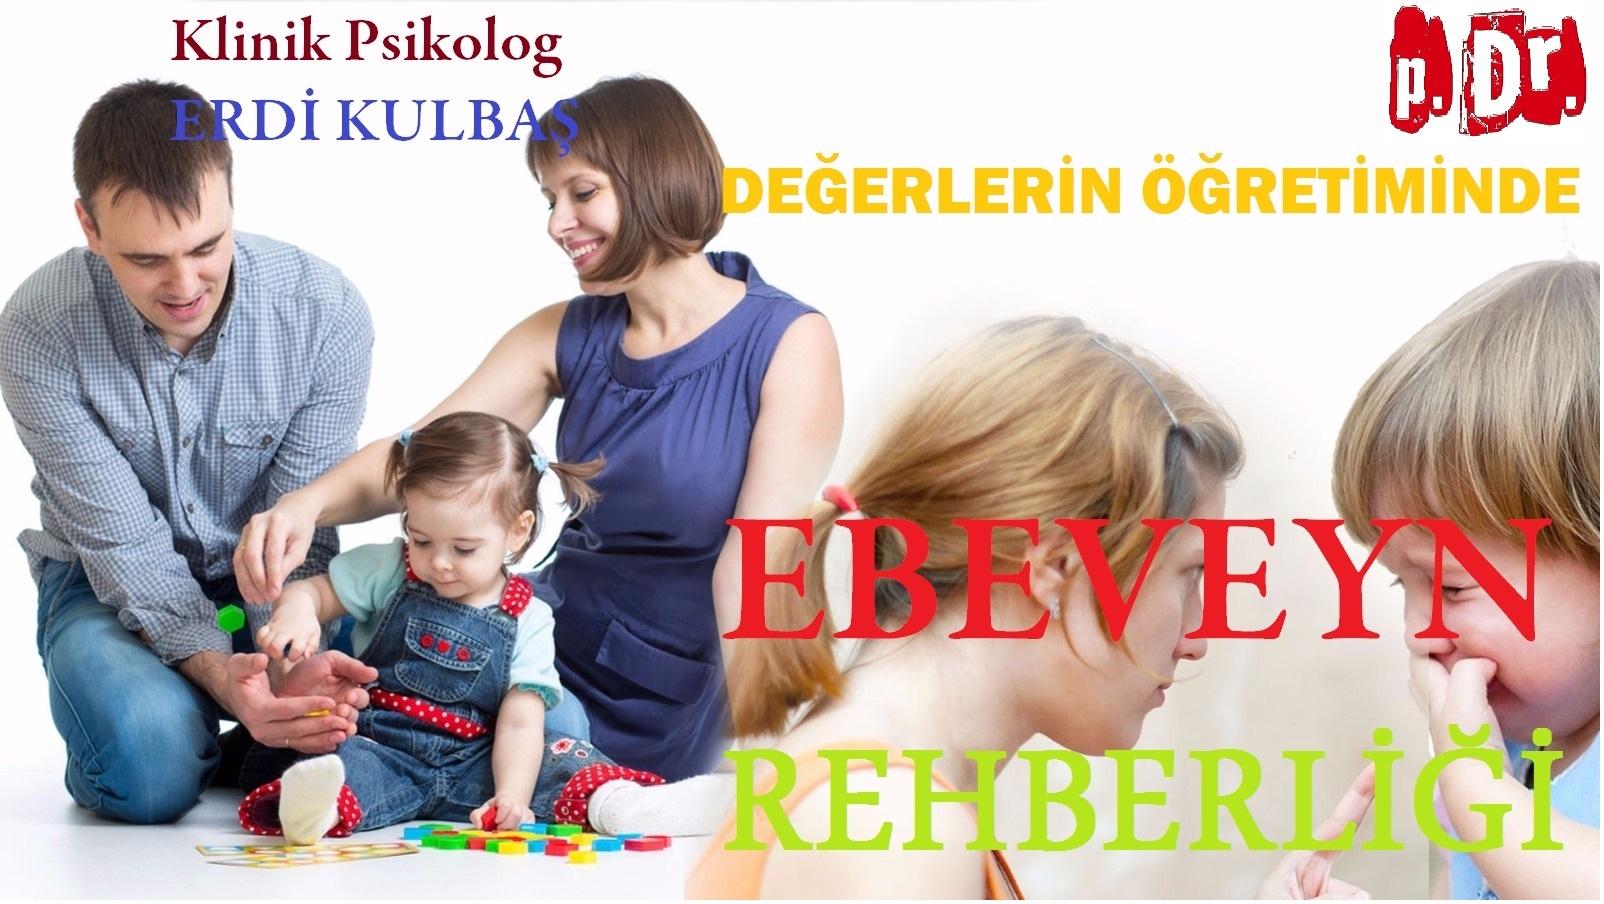 Değerlerin Öğretiminde Ebeveyn Rehberliği